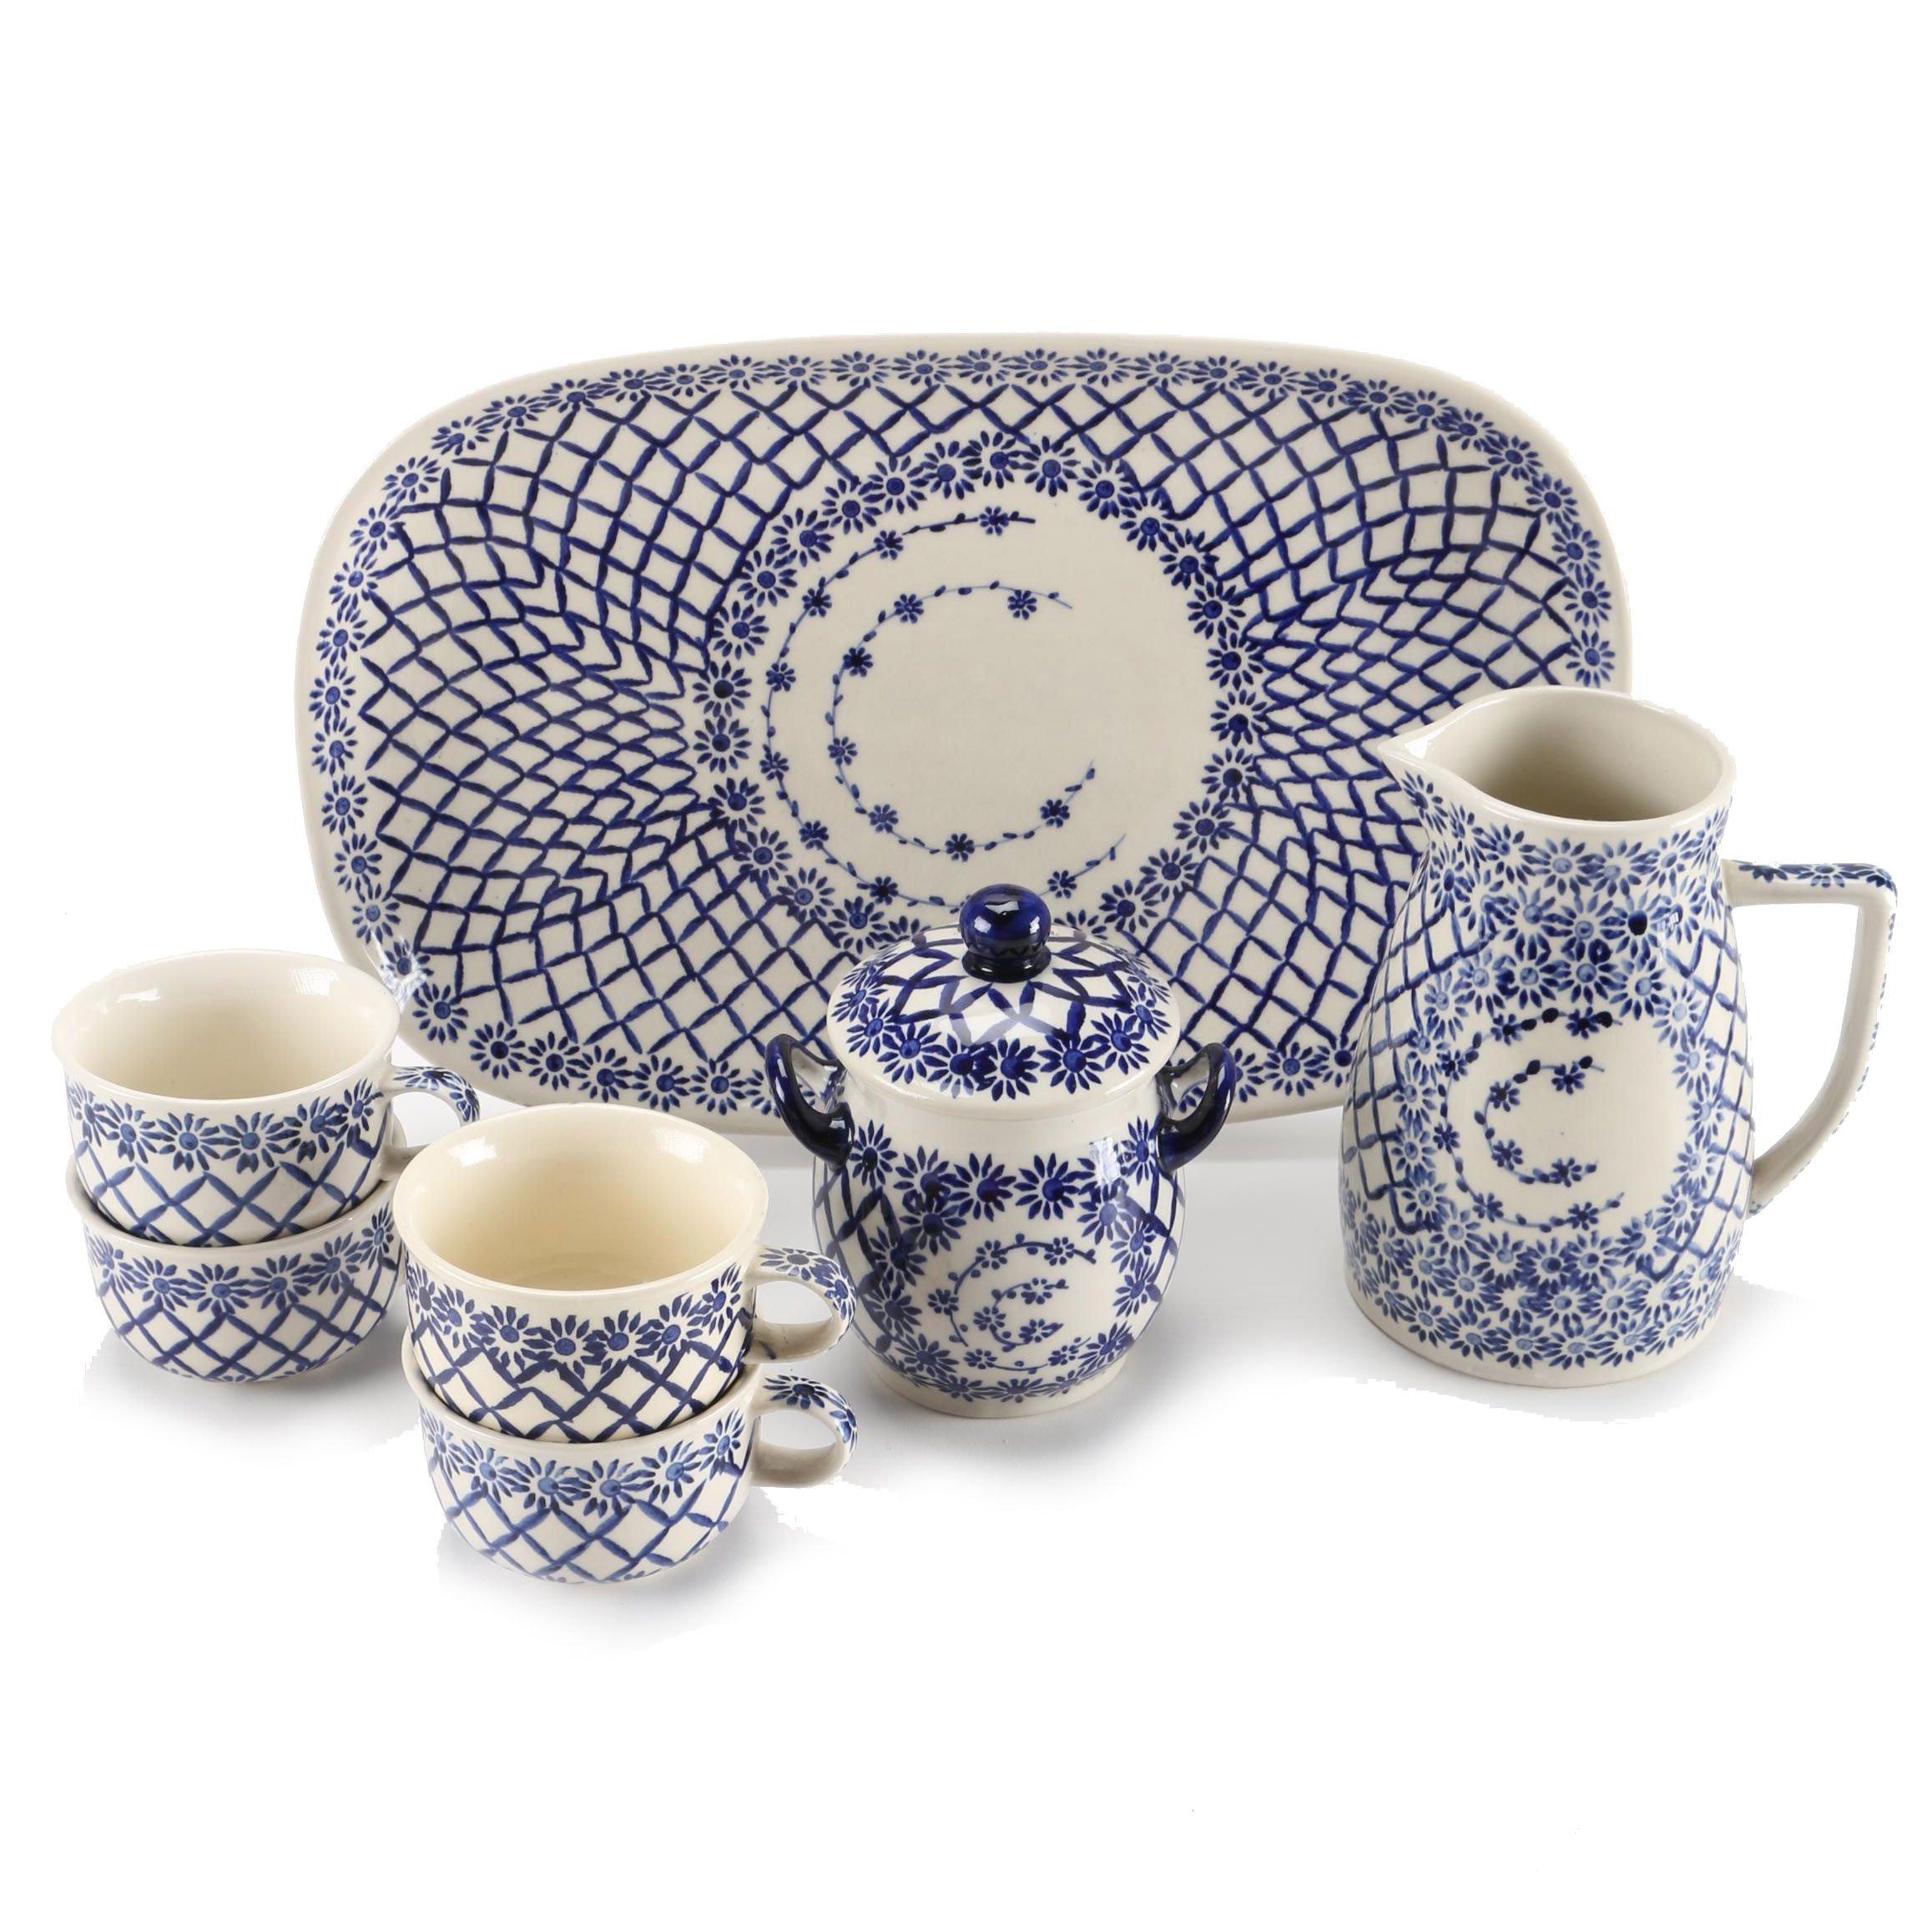 """Heise Original Bunzlau Ceramic Dishes Featuring """"Harlequin"""""""